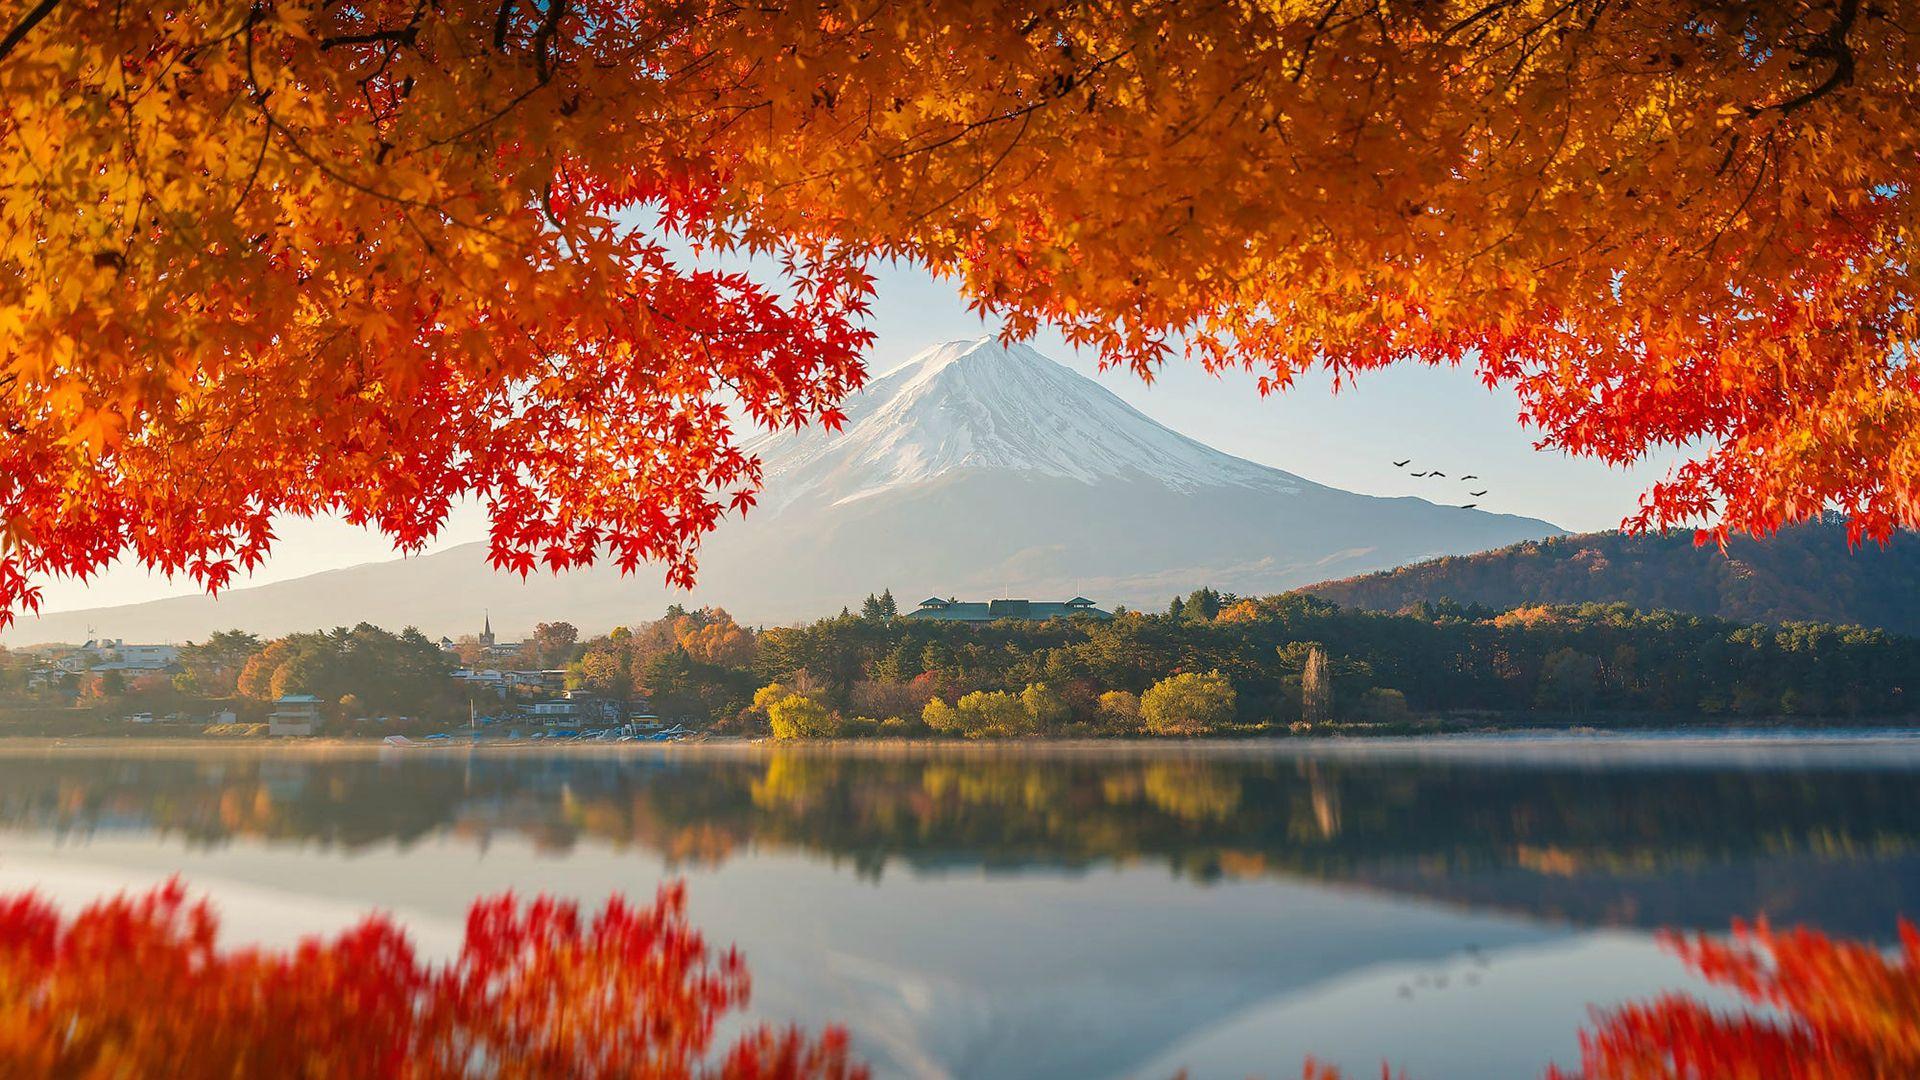 Fall Japan Mount Fuji Autumn Wallpaper Berg Fotografie Natur Japan